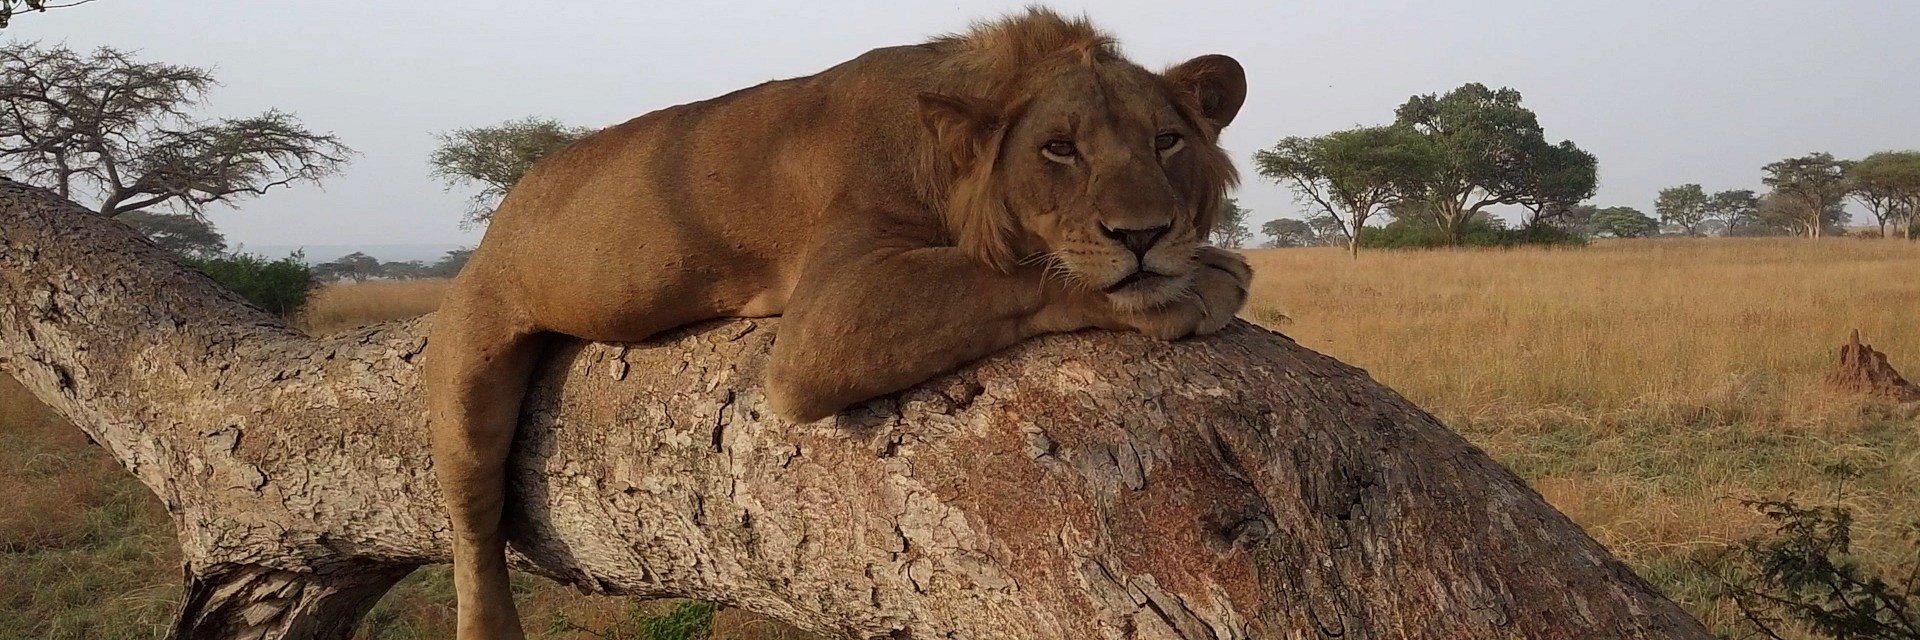 To nie ptak, orangutan, ale… lew w koronach drzew. Kanał Nat Geo Wild pokaże niezwykłe lwy i wzruszające historie o zwierzętach, które wkrótce mogą wyginąć